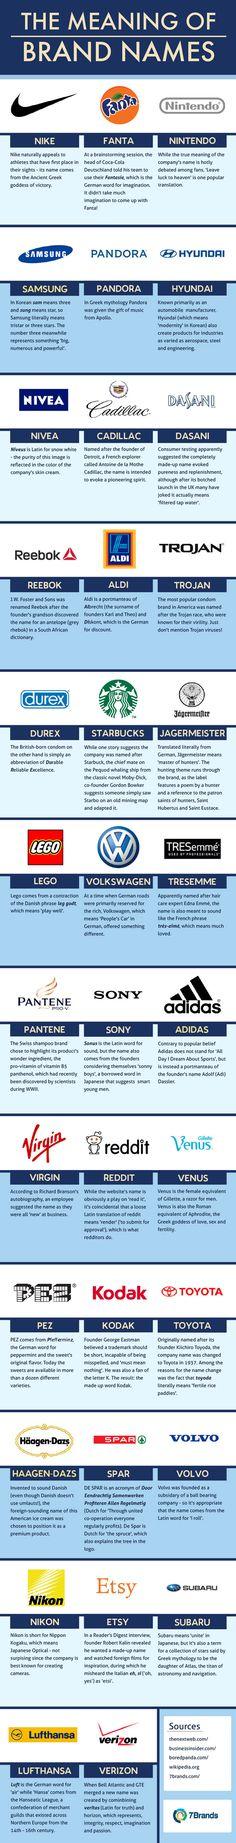 singnificado-del-nombre-de-logos-famosos